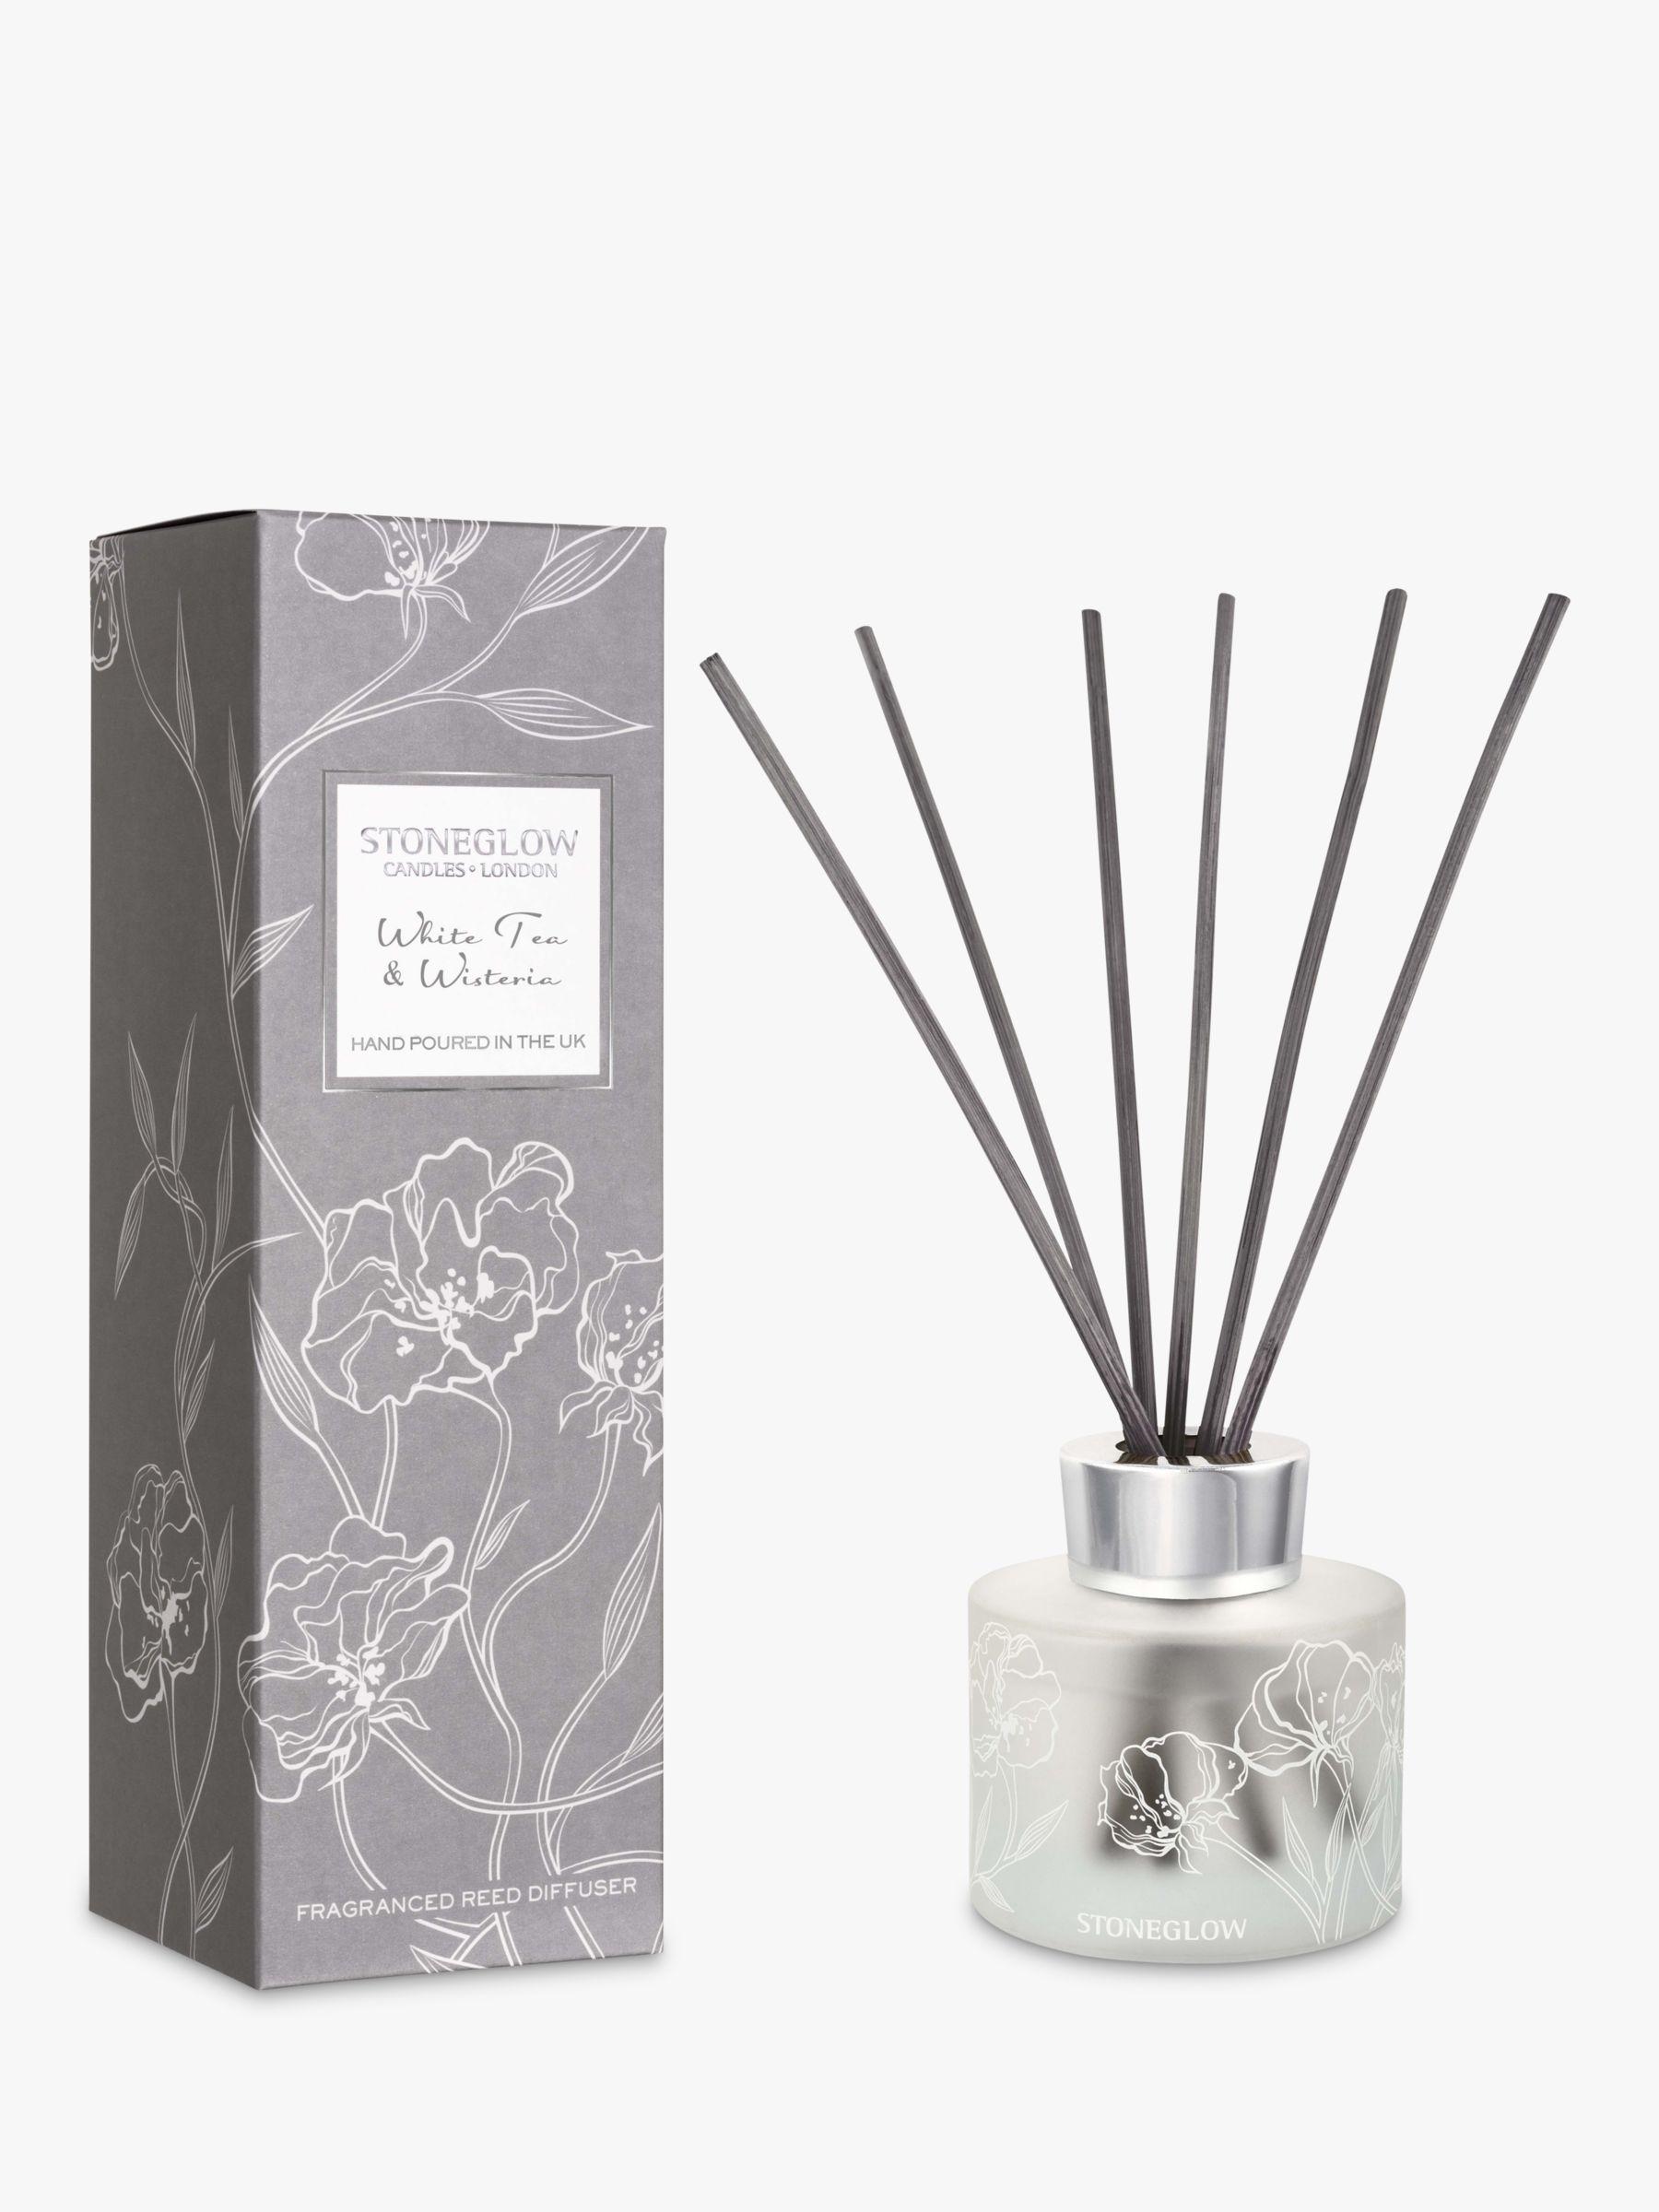 Stoneglow Stoneglow Day Flower White Tea & Wisteria Reed Diffuser, 120ml